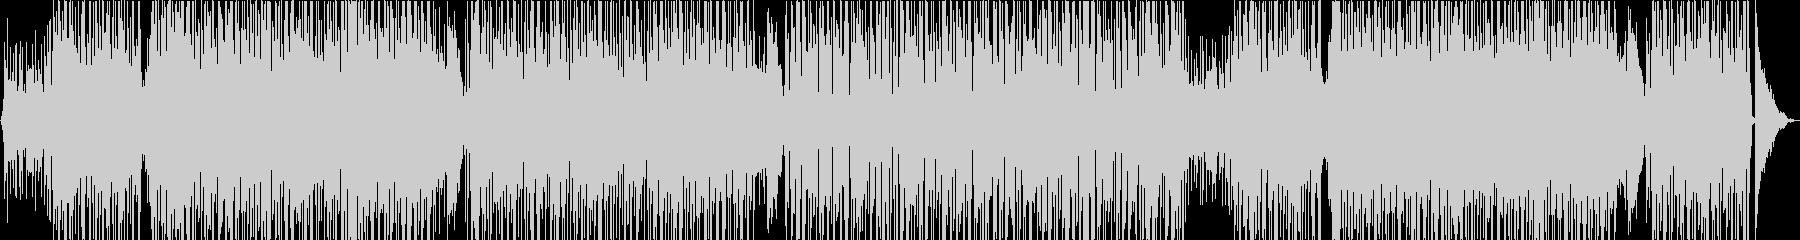 南国系スチール・ドラムのボサノバ の未再生の波形